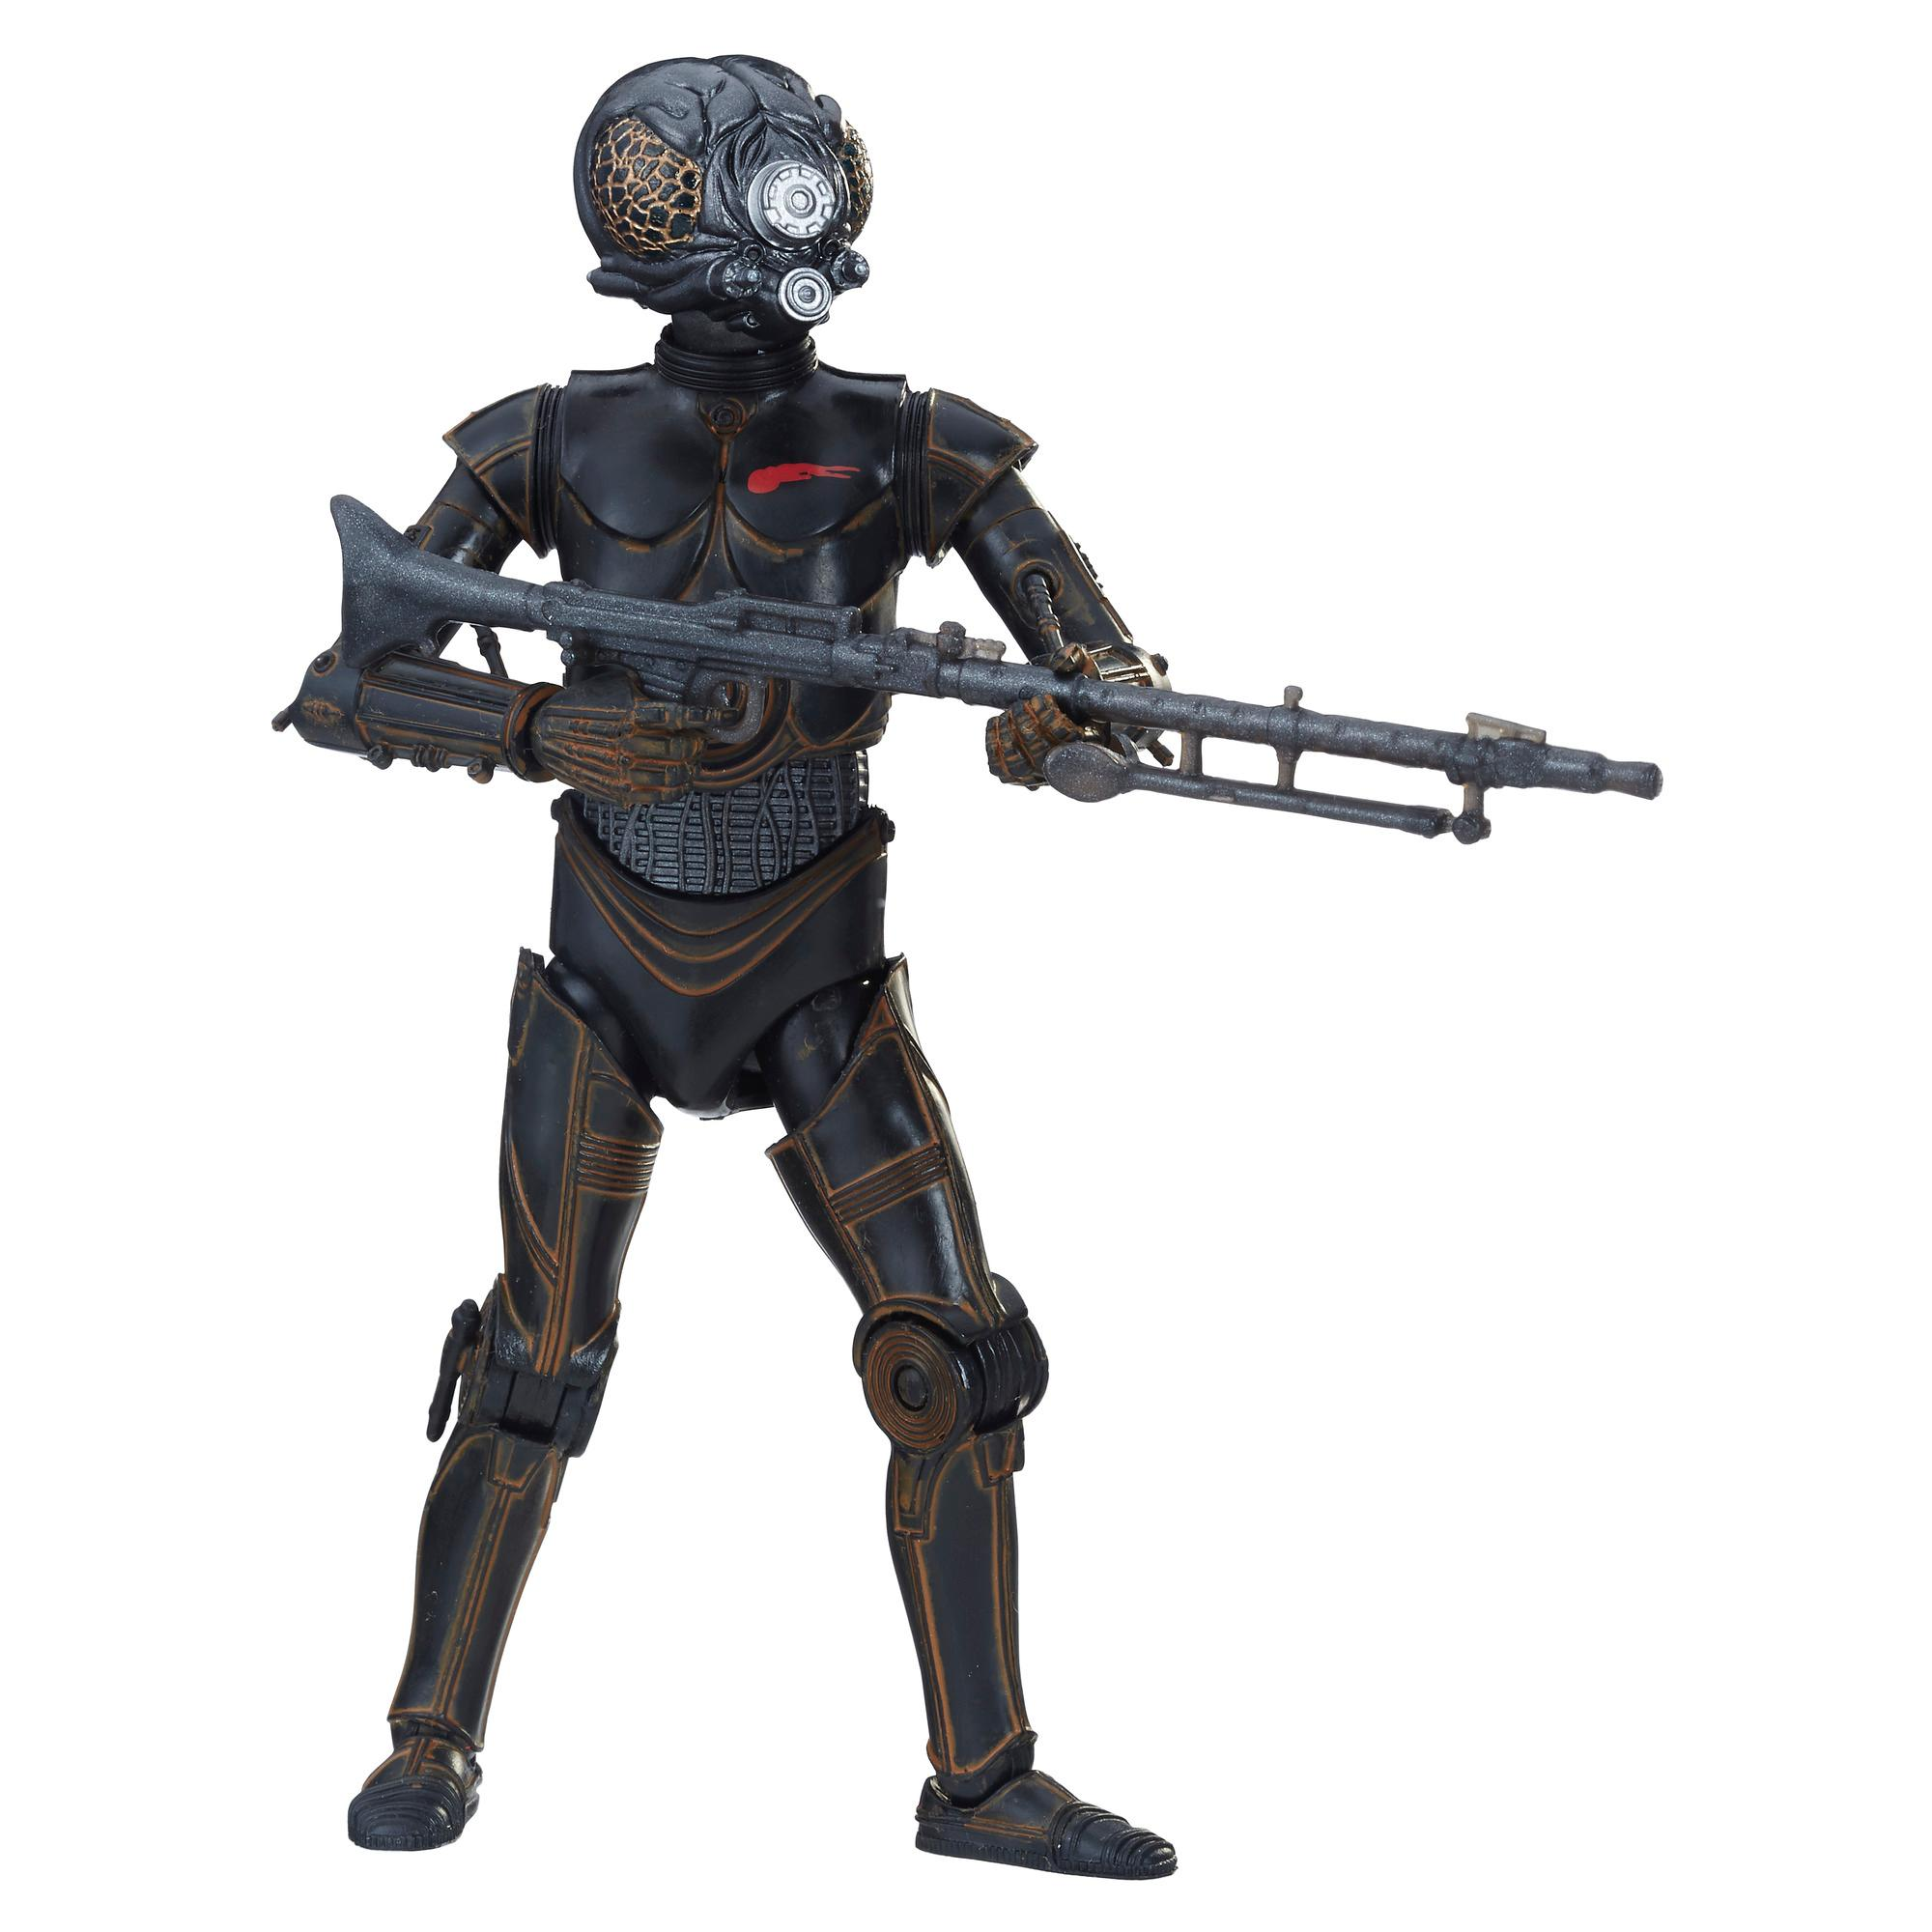 Star Wars Série noire - Figurine 4-LOM de 15 cm